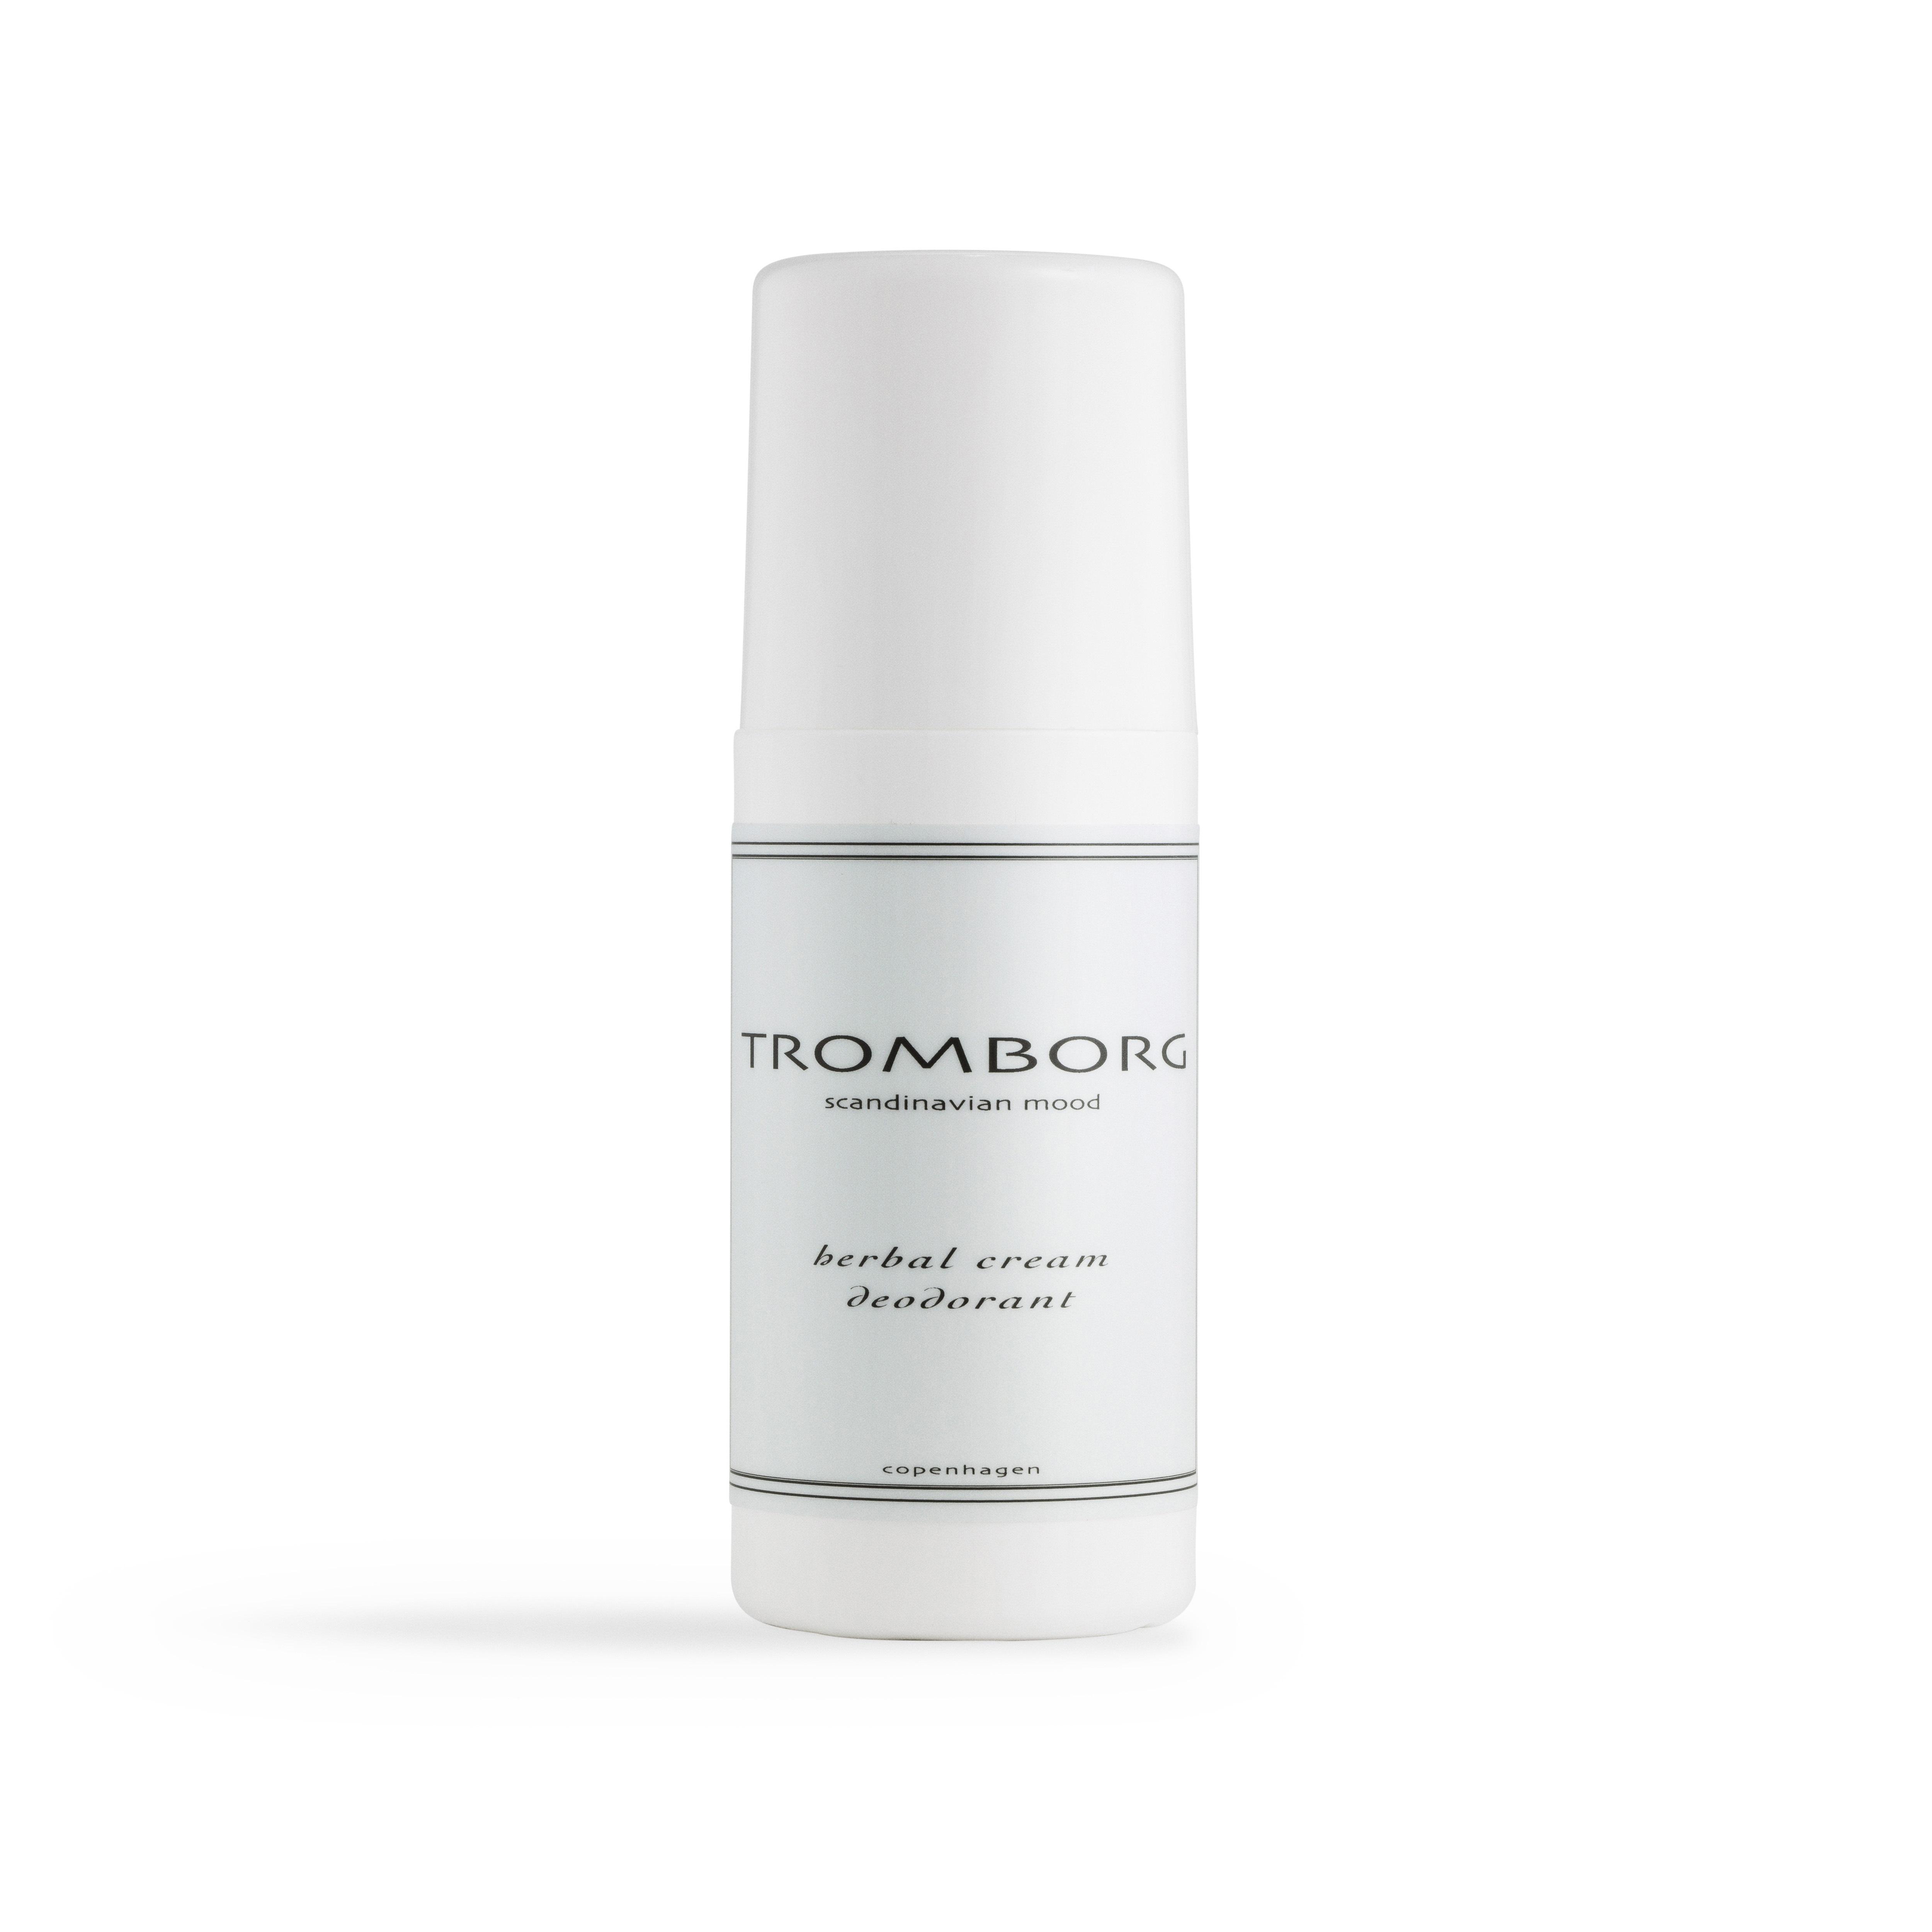 Tromborg Herbal Cream Deodorant, 60 ml